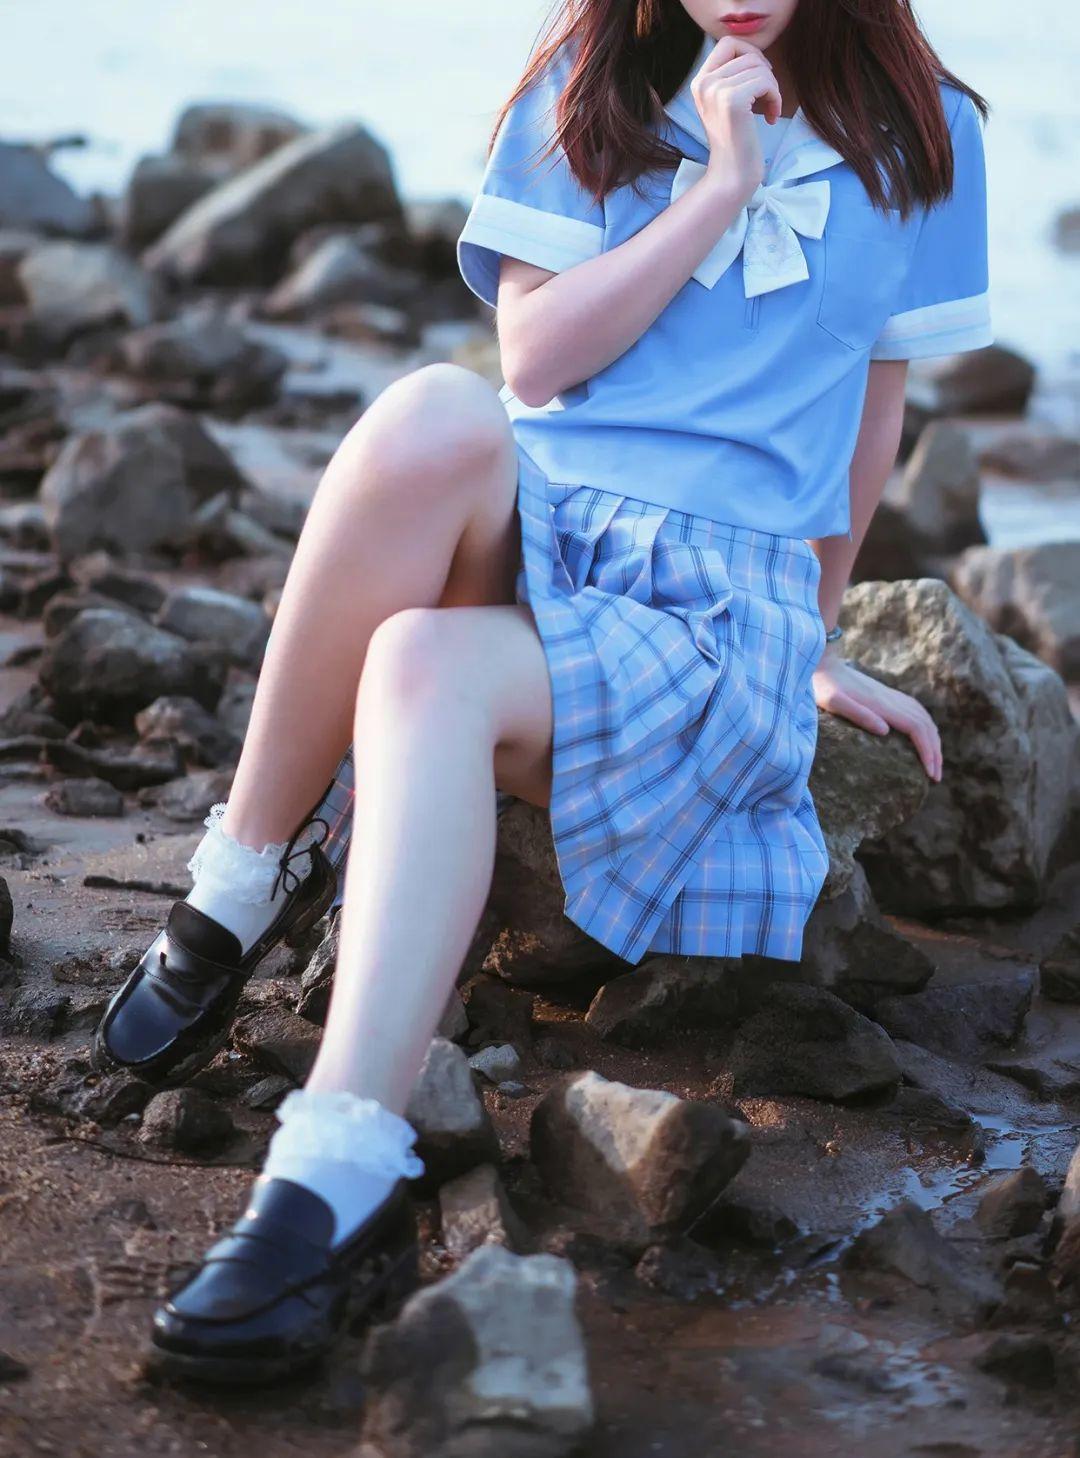 妹子摄影 – JK制服美腿少女坐在海边_图片 No.5